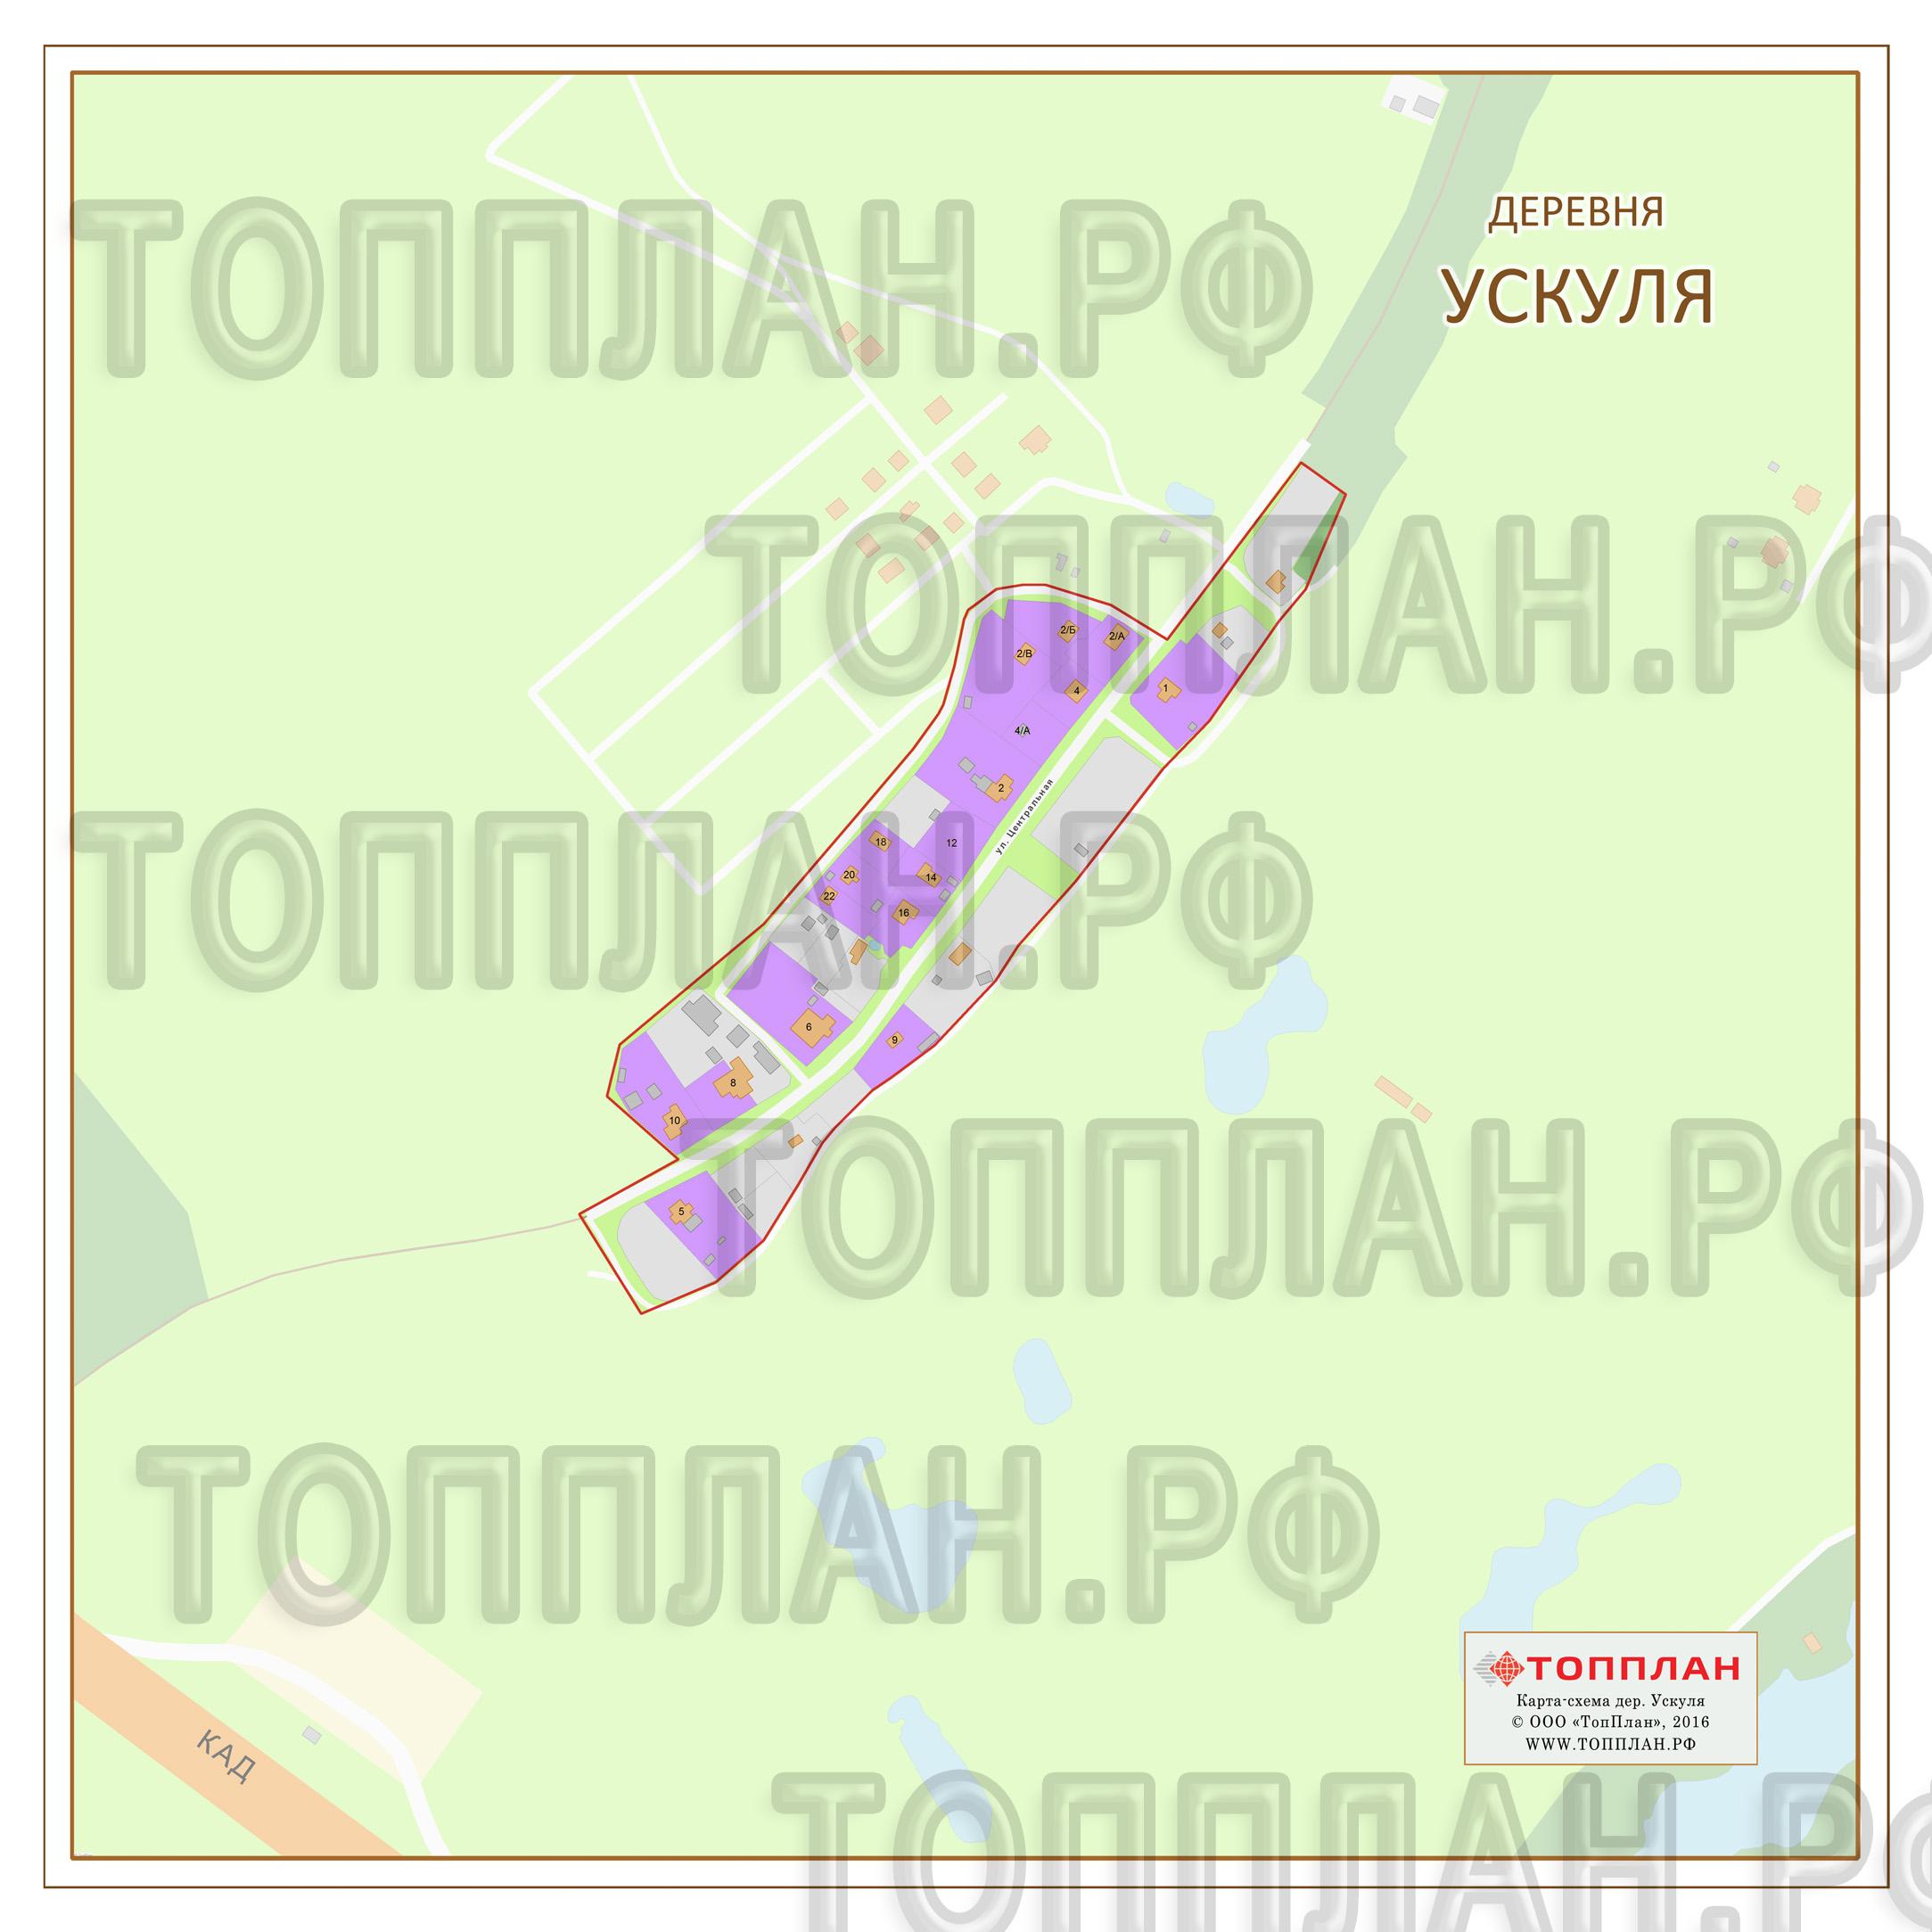 uskulya_450_6000x6000